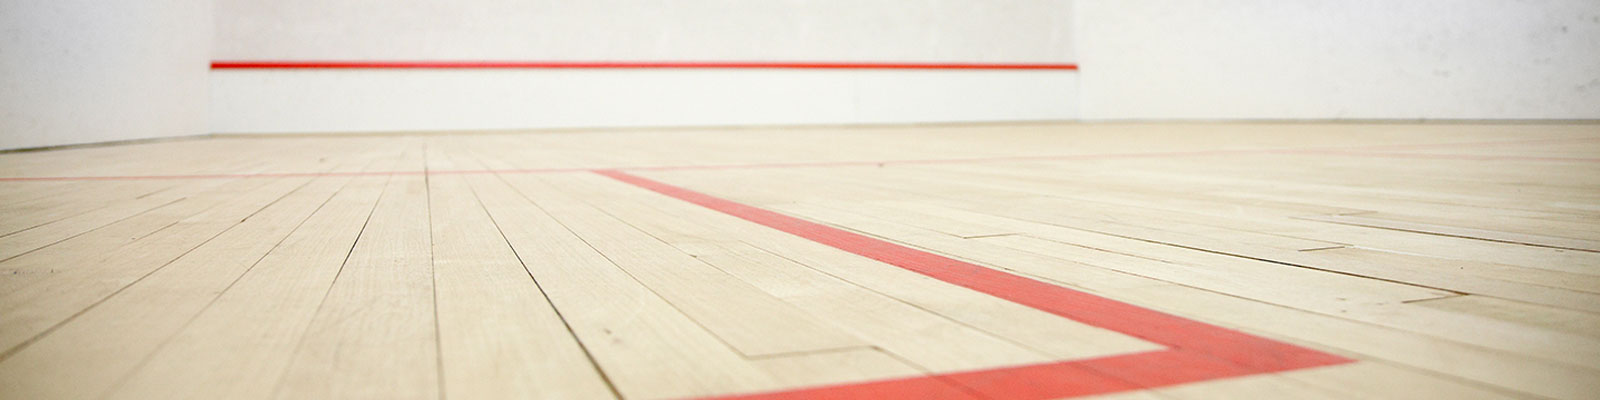 Squash.it